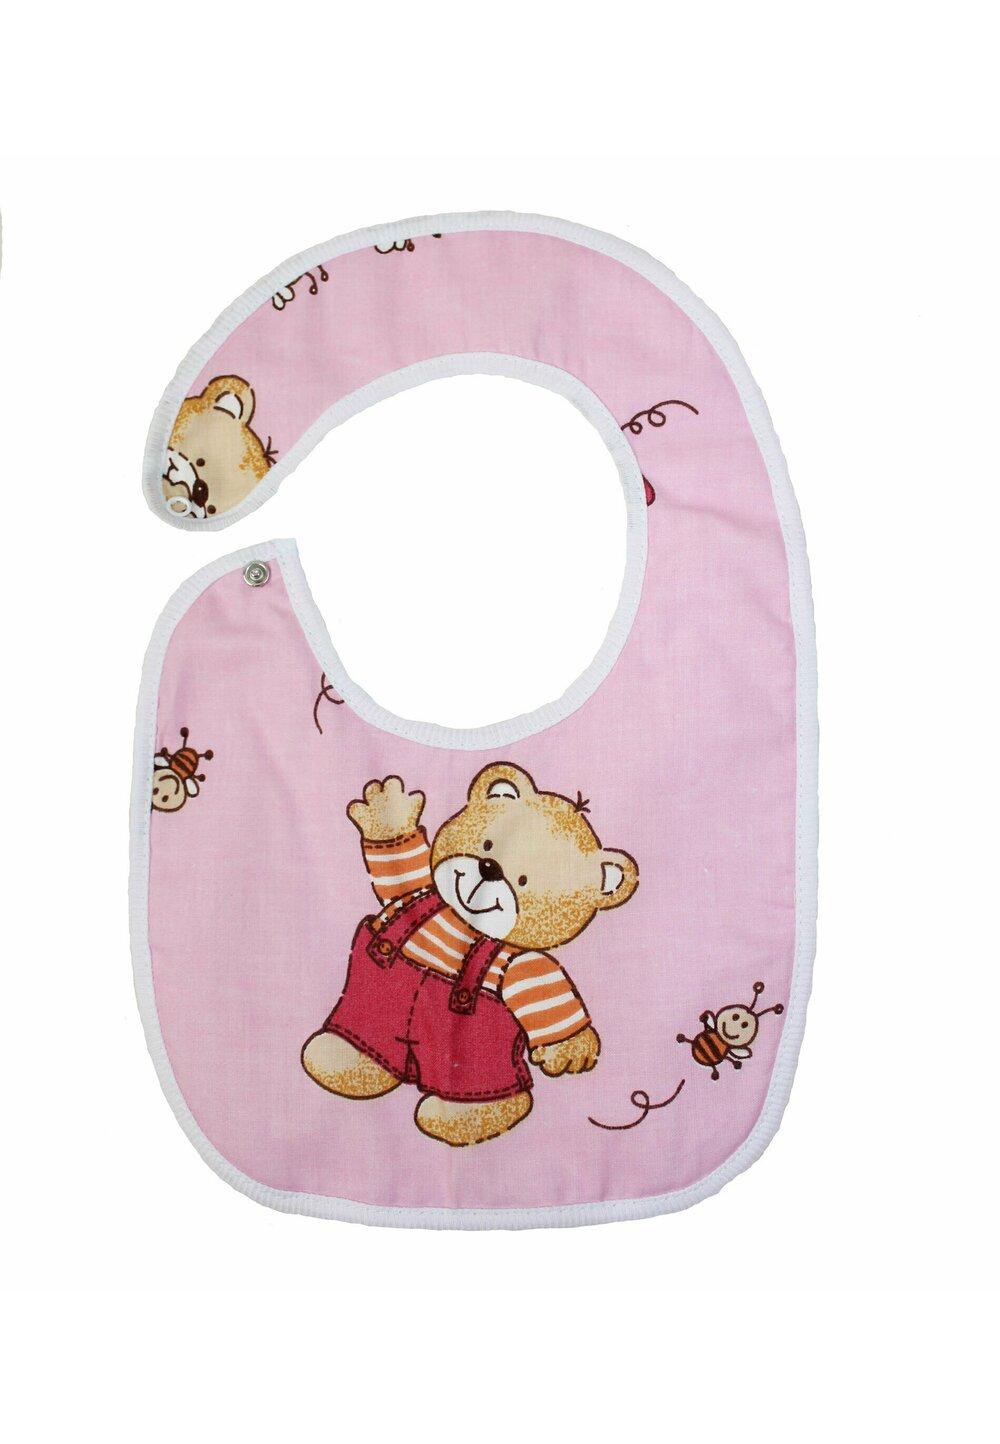 Baveta bebe, ursulet cu albinute, roz, 0-6 luni imagine